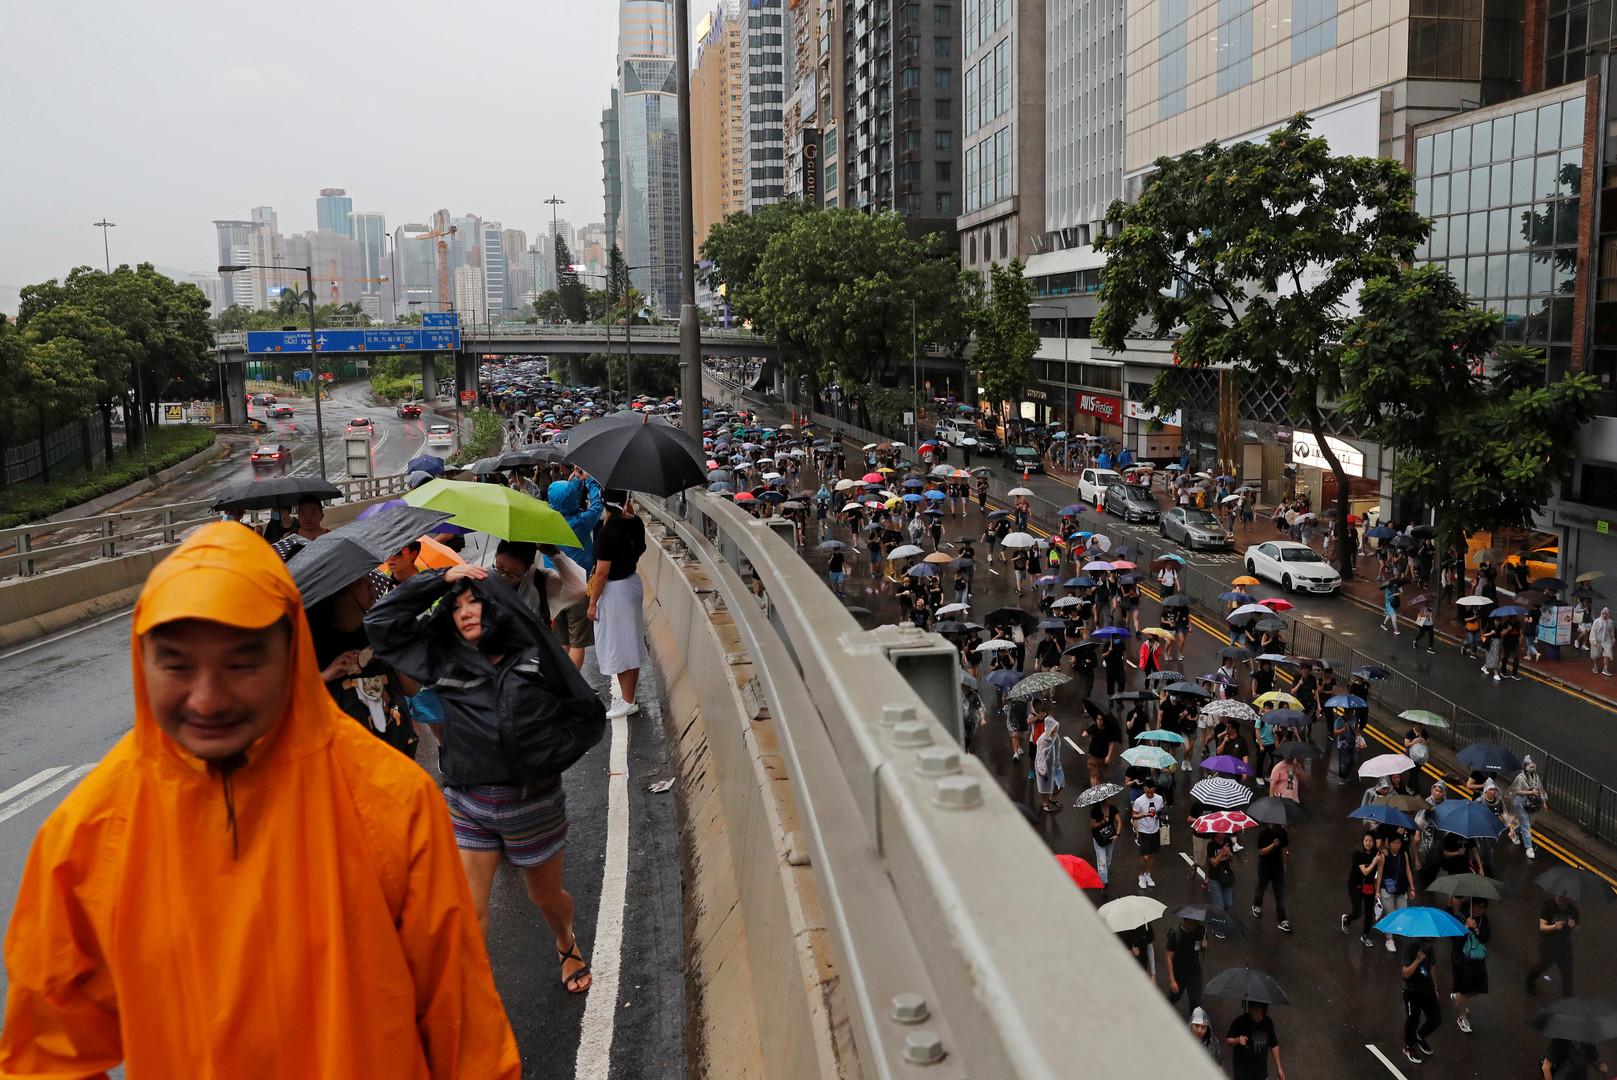 الخارجية البريطانية تعلن أن الصين احتجزت أحد موظفيها لدى عودته من هونغ كونغ